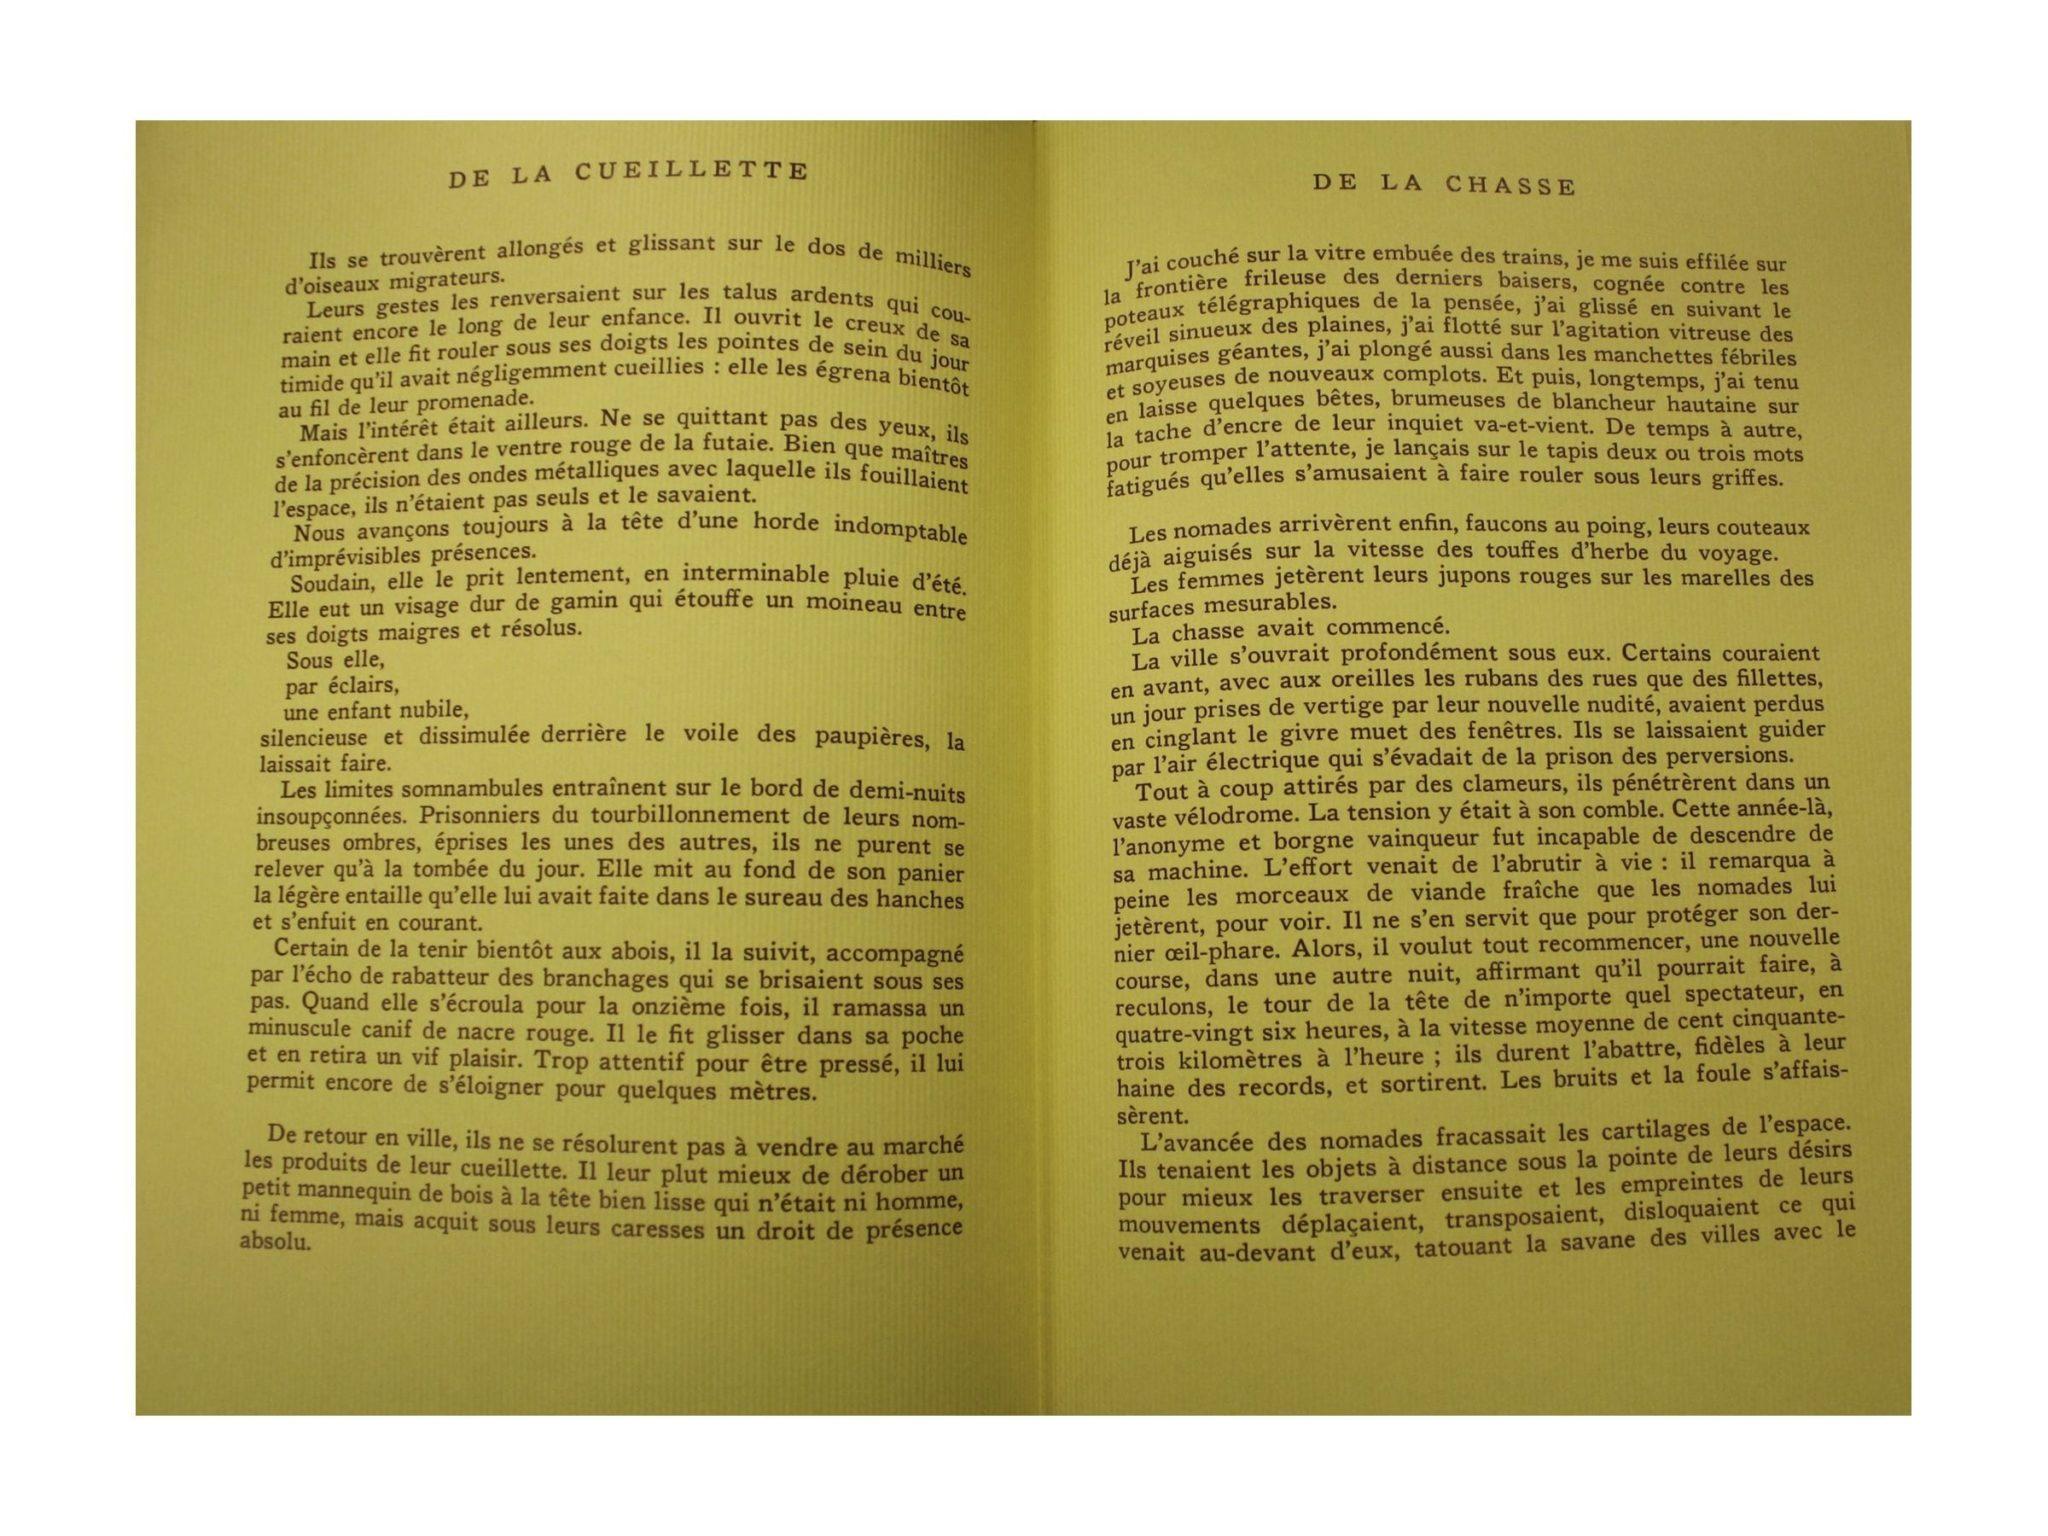 Carrousel_06-Le-Brun-Annie_Tout-pres-les-nomades-t